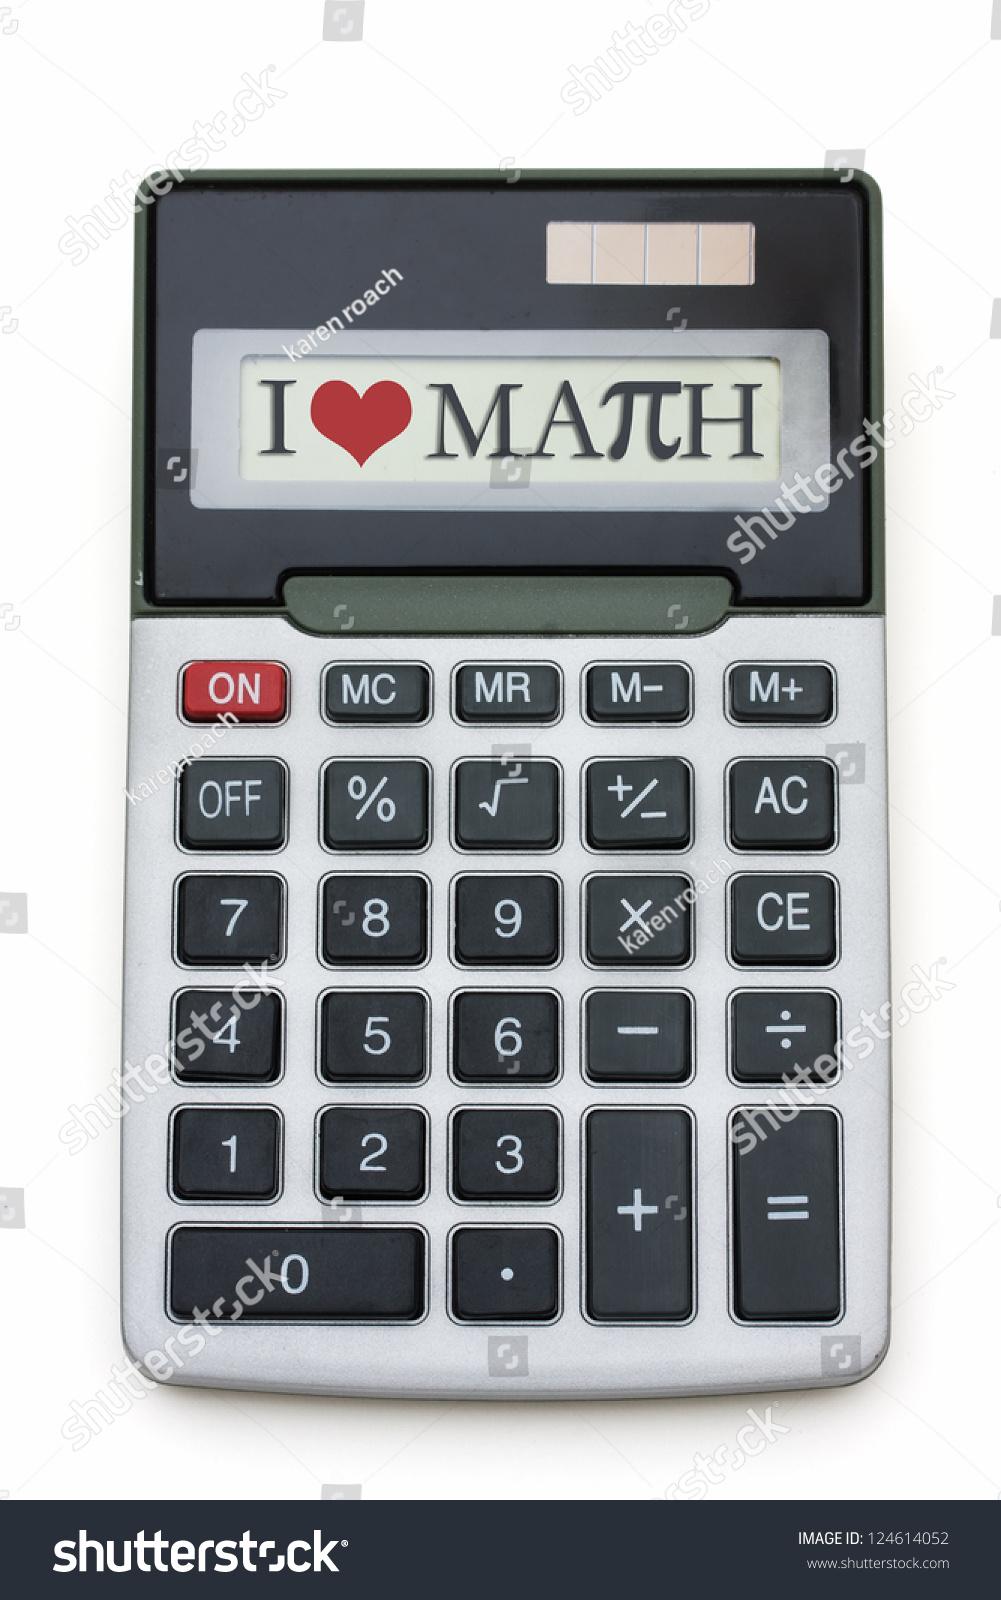 Love Math Calculator Calculator Words Love Stock Photo 124614052 ...